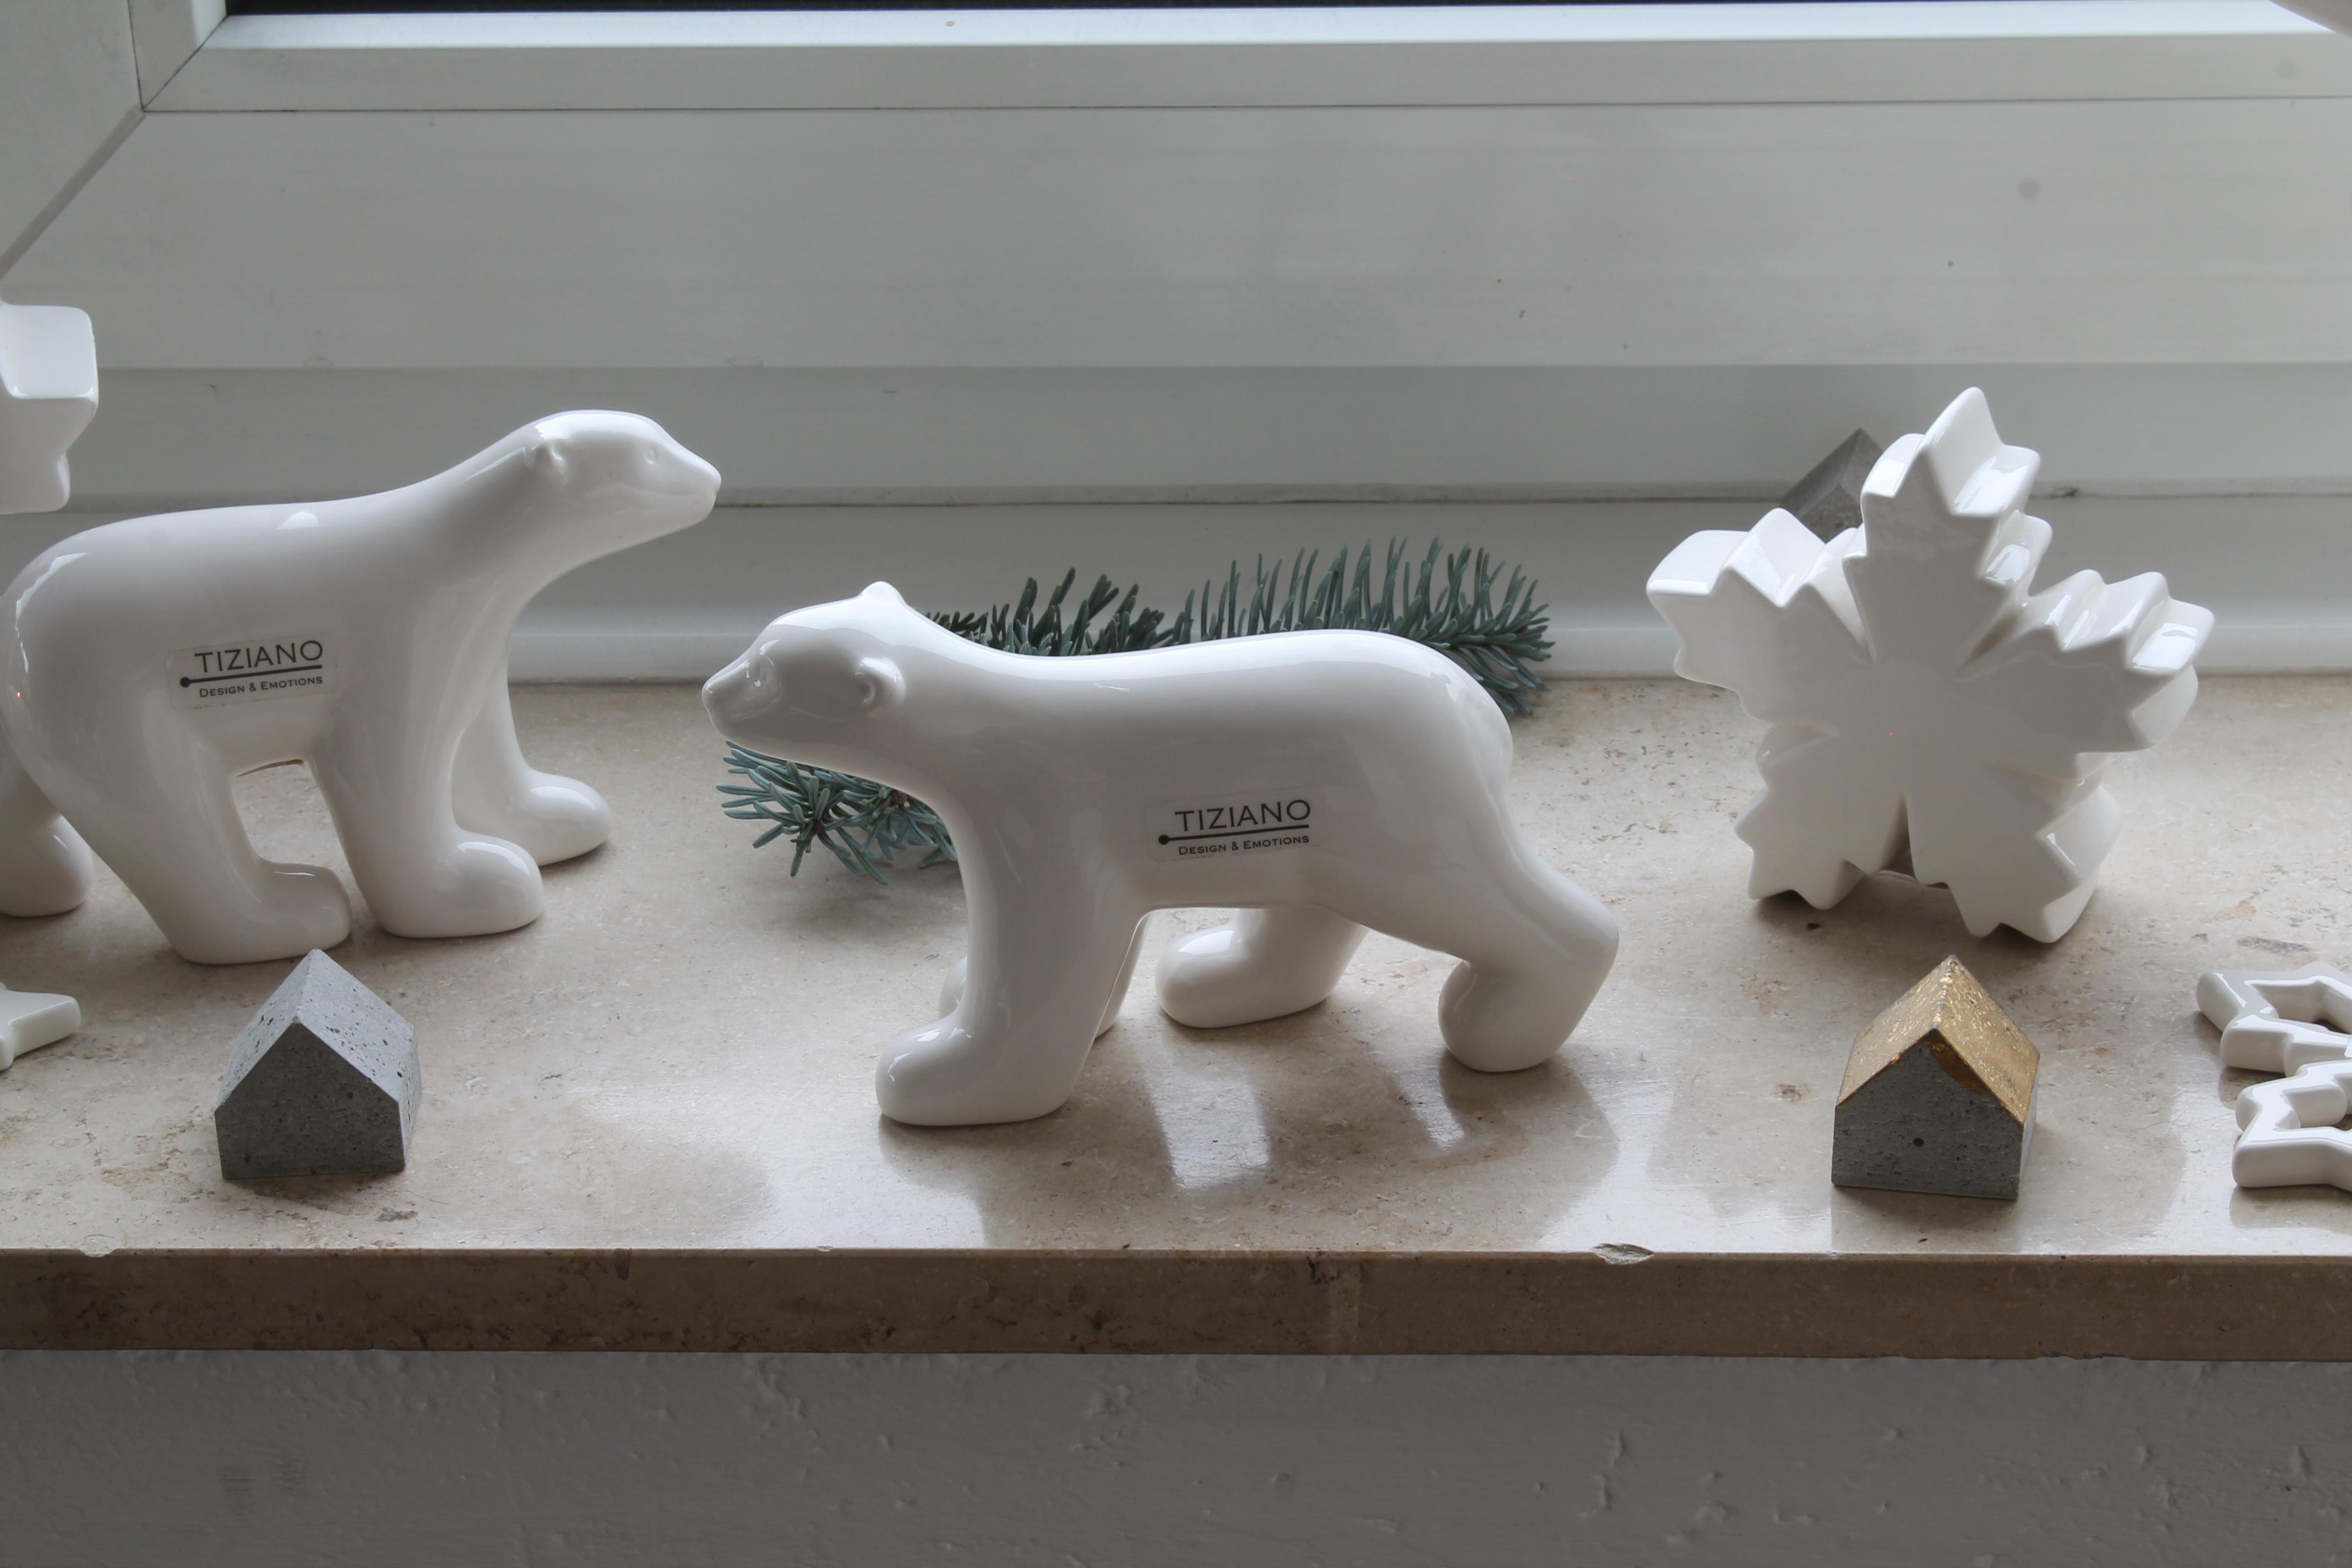 Winterliche dekoideen für die fensterbank.   tiziano design